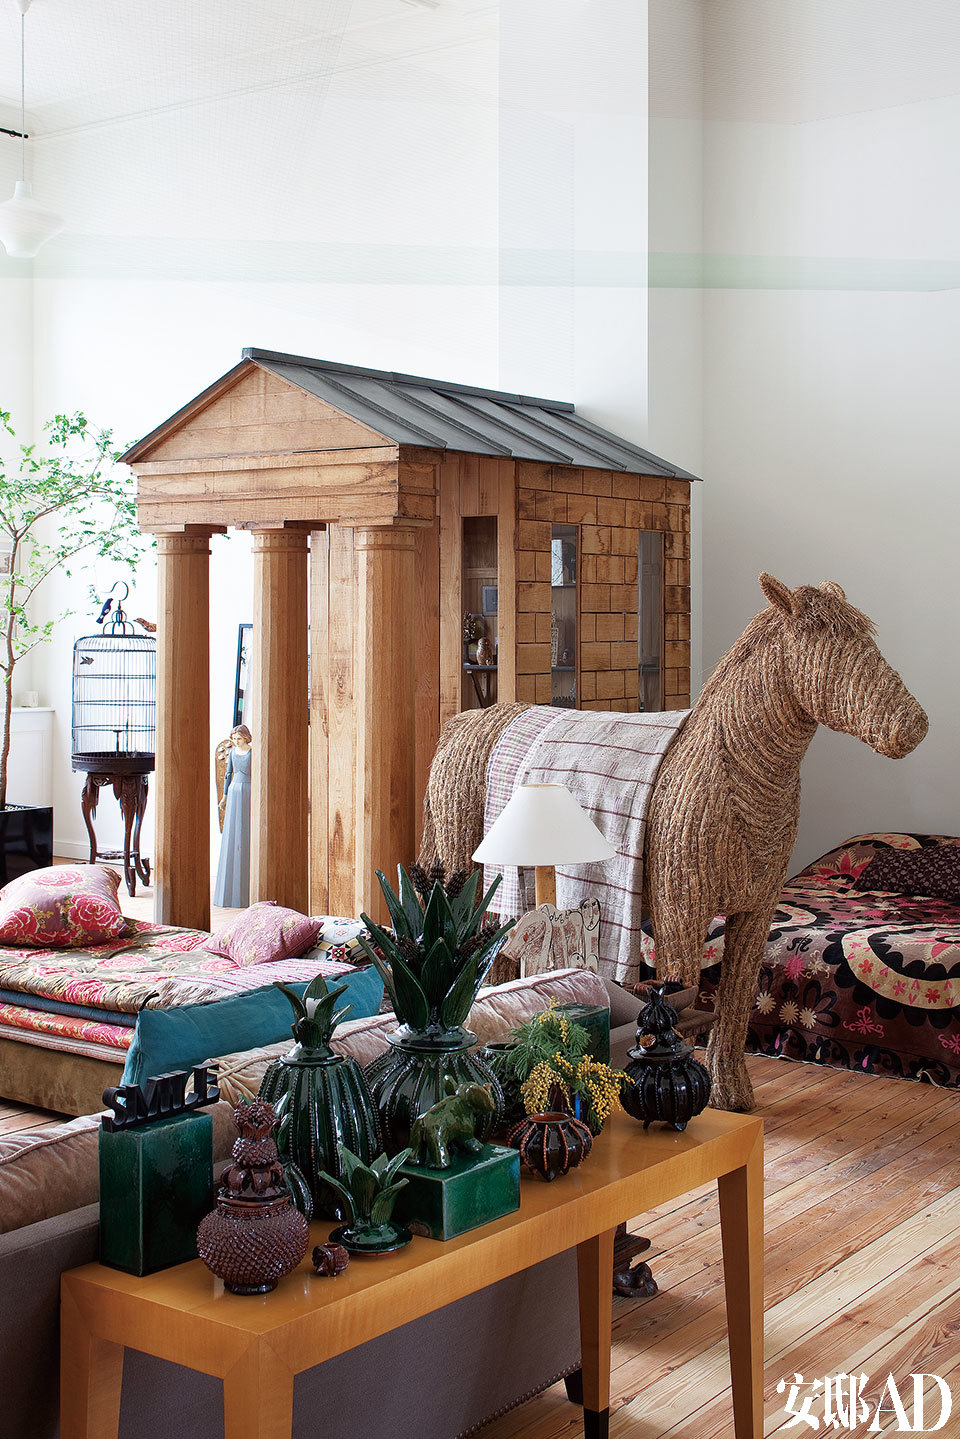 二层画室客厅的另一角,布满女主人从世界各地淘来的战利品,波兰艺术家Andrzej Wrzecionko设计的稻草马,在宽敞的空间里带来稳定气场,背上披挂着来自非洲及不丹的传统织物,仿若凯旋而归。